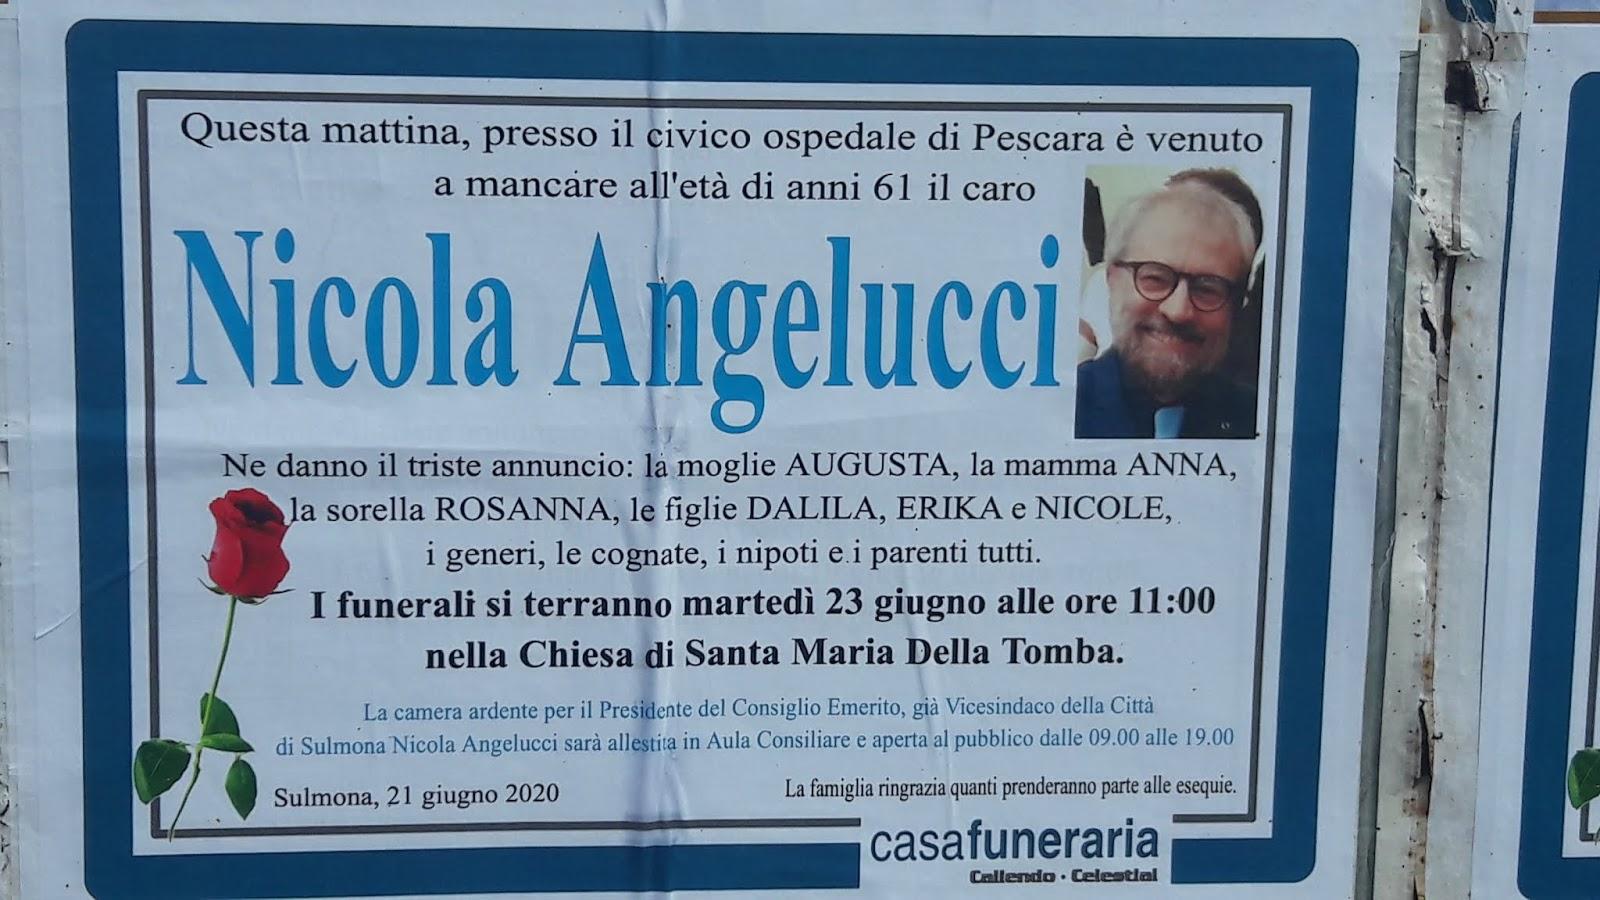 Centroabruzzonews E Morto Nicola Angelucci